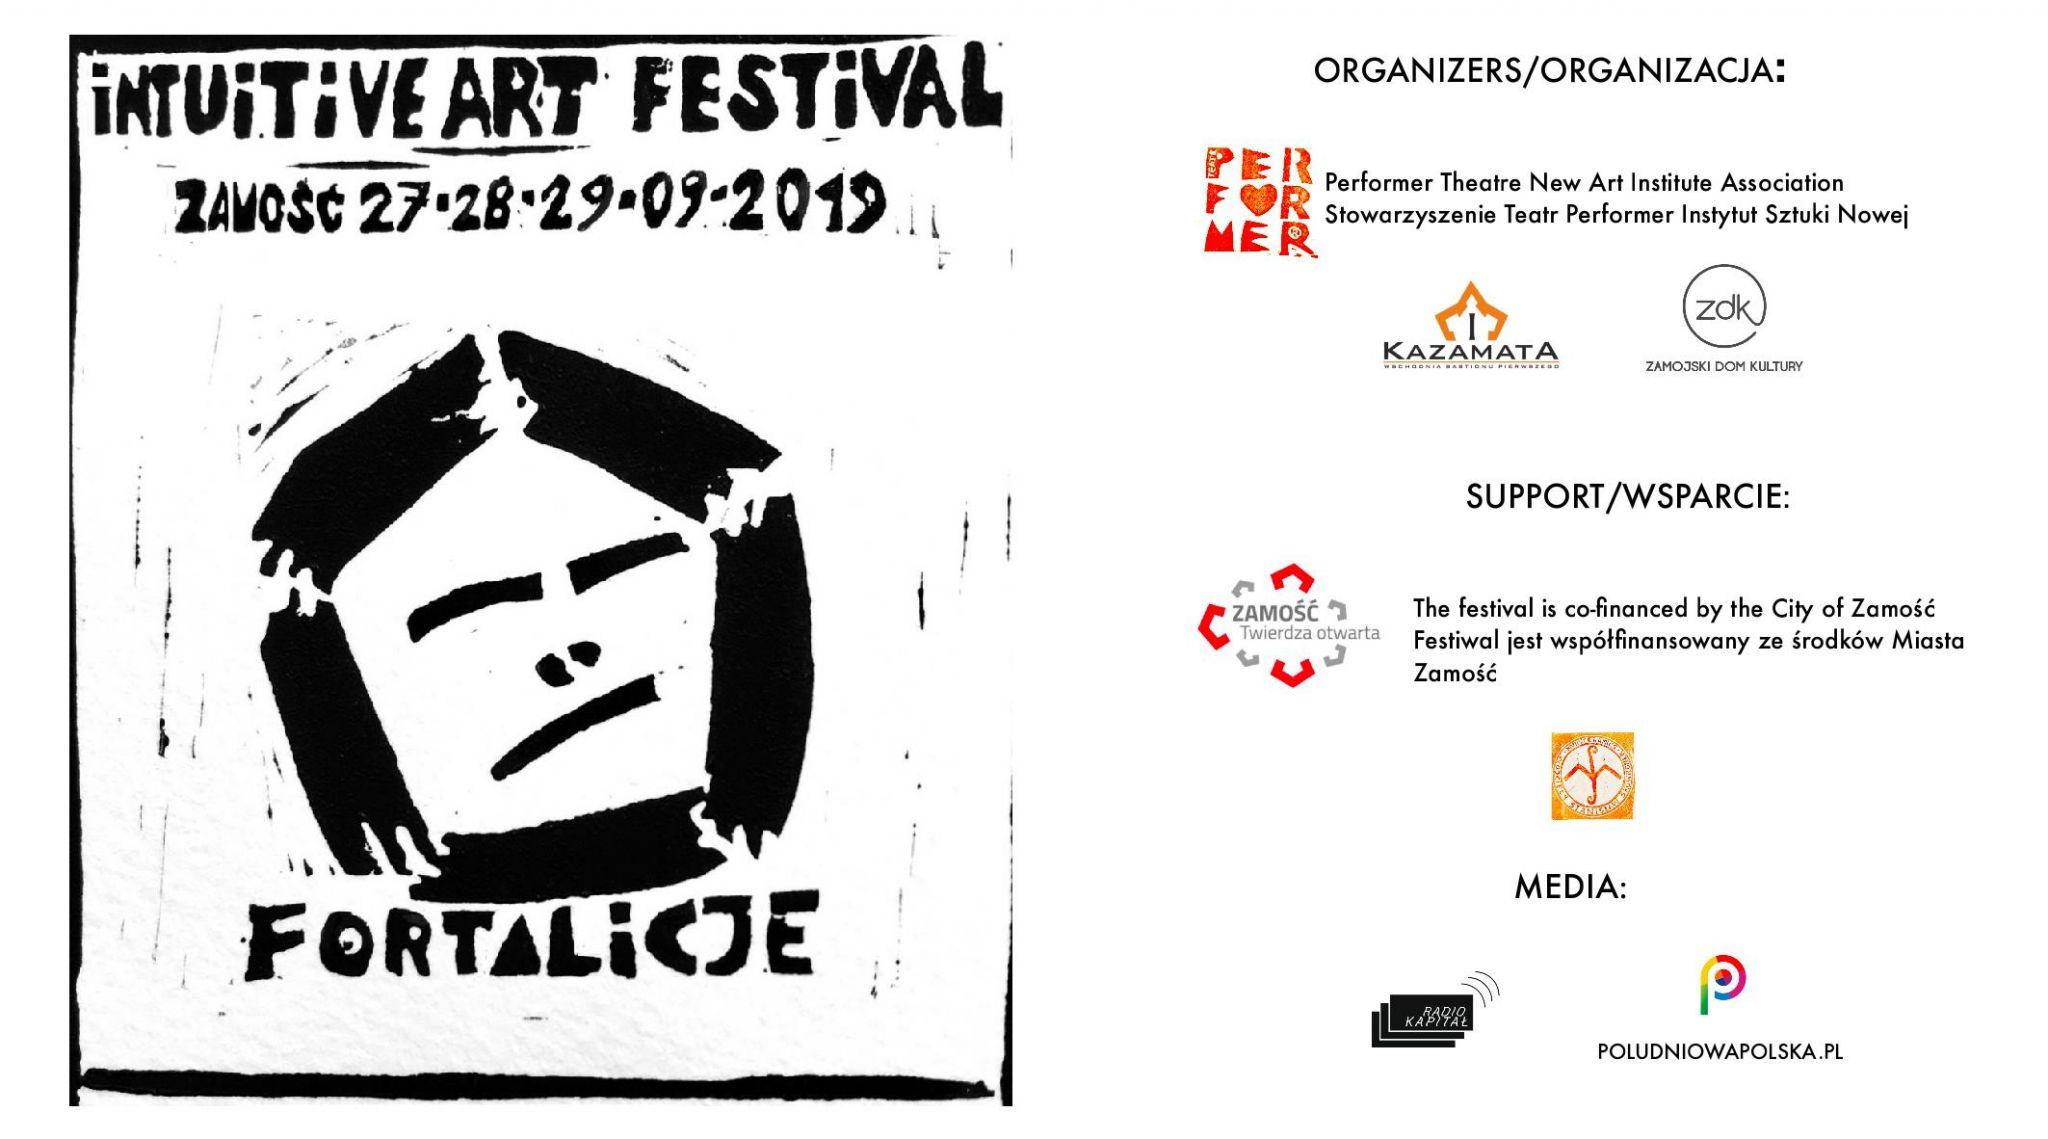 fortalicje Zamość: Festiwal Sztuk Intuitywnych FORTALICJE. Trzy dni z tańcem butoh, teatrem i muzyką.